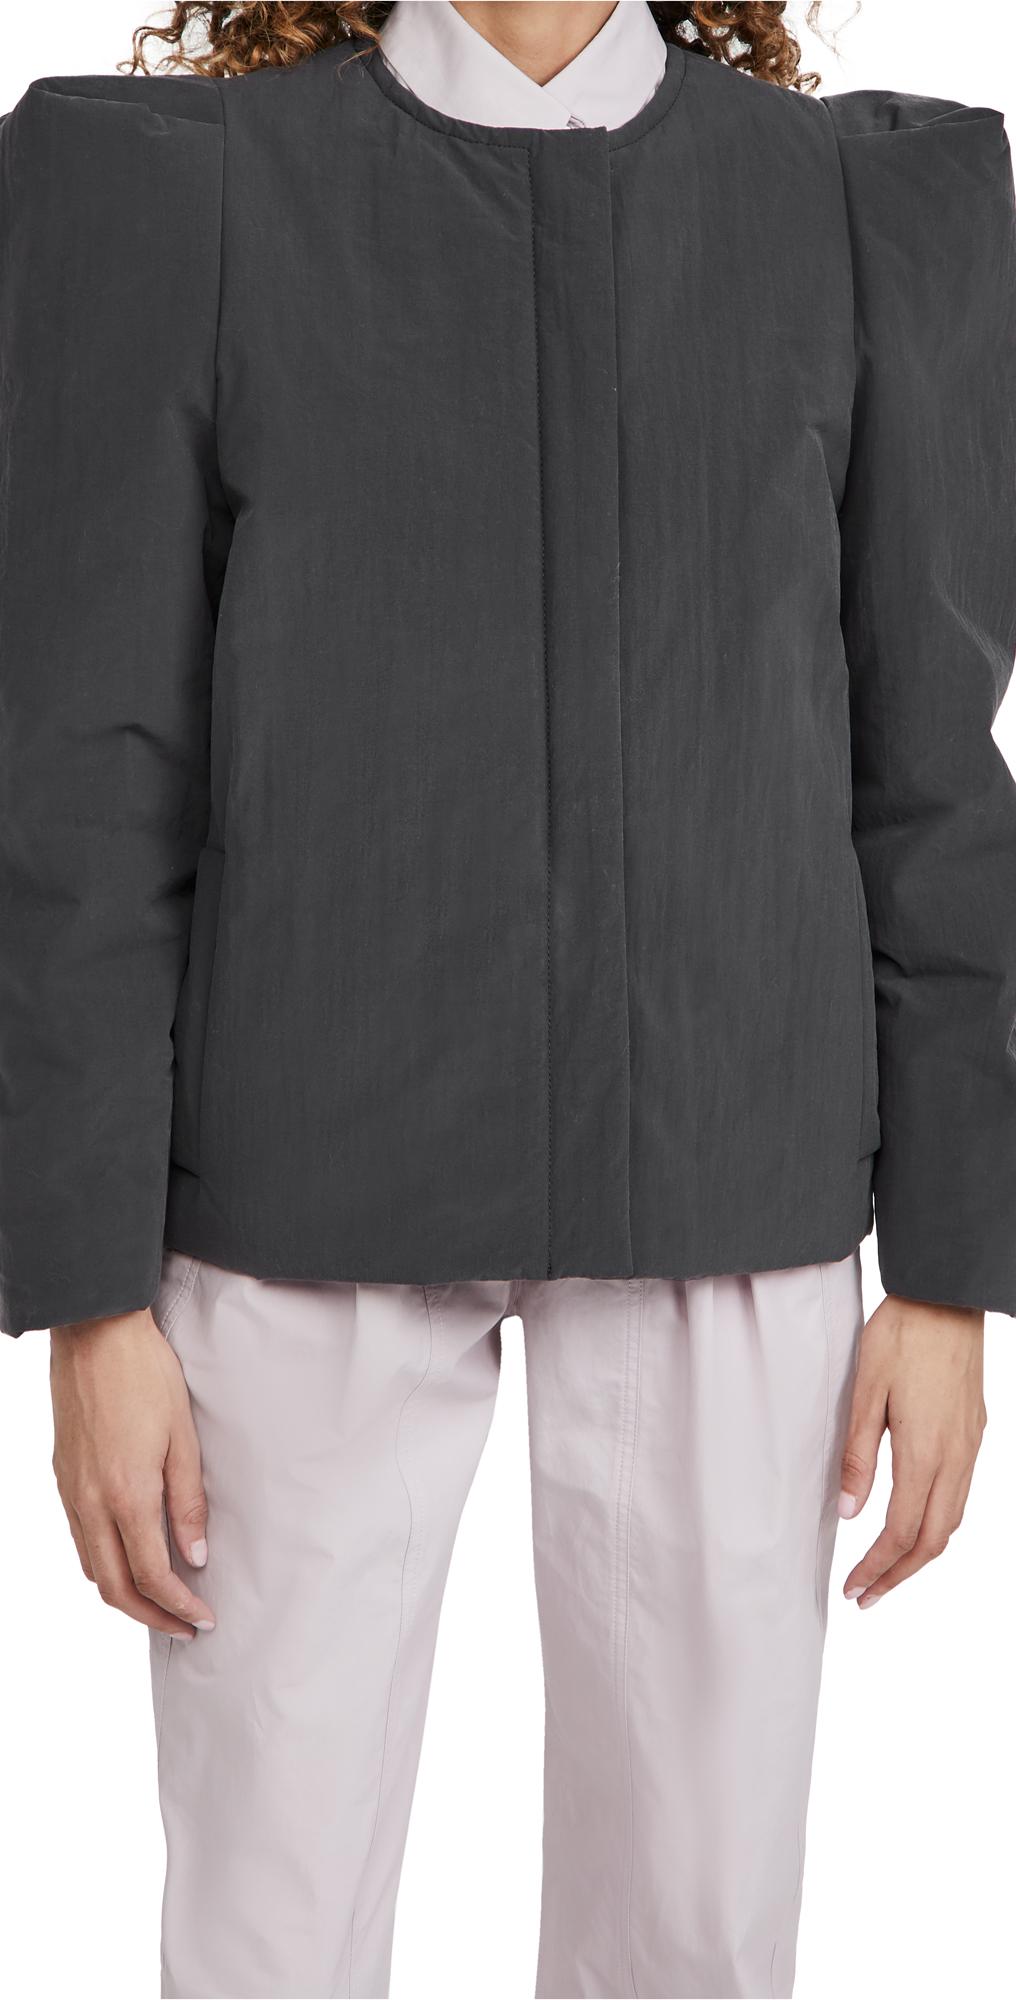 Isabel Marant Itao Jacket